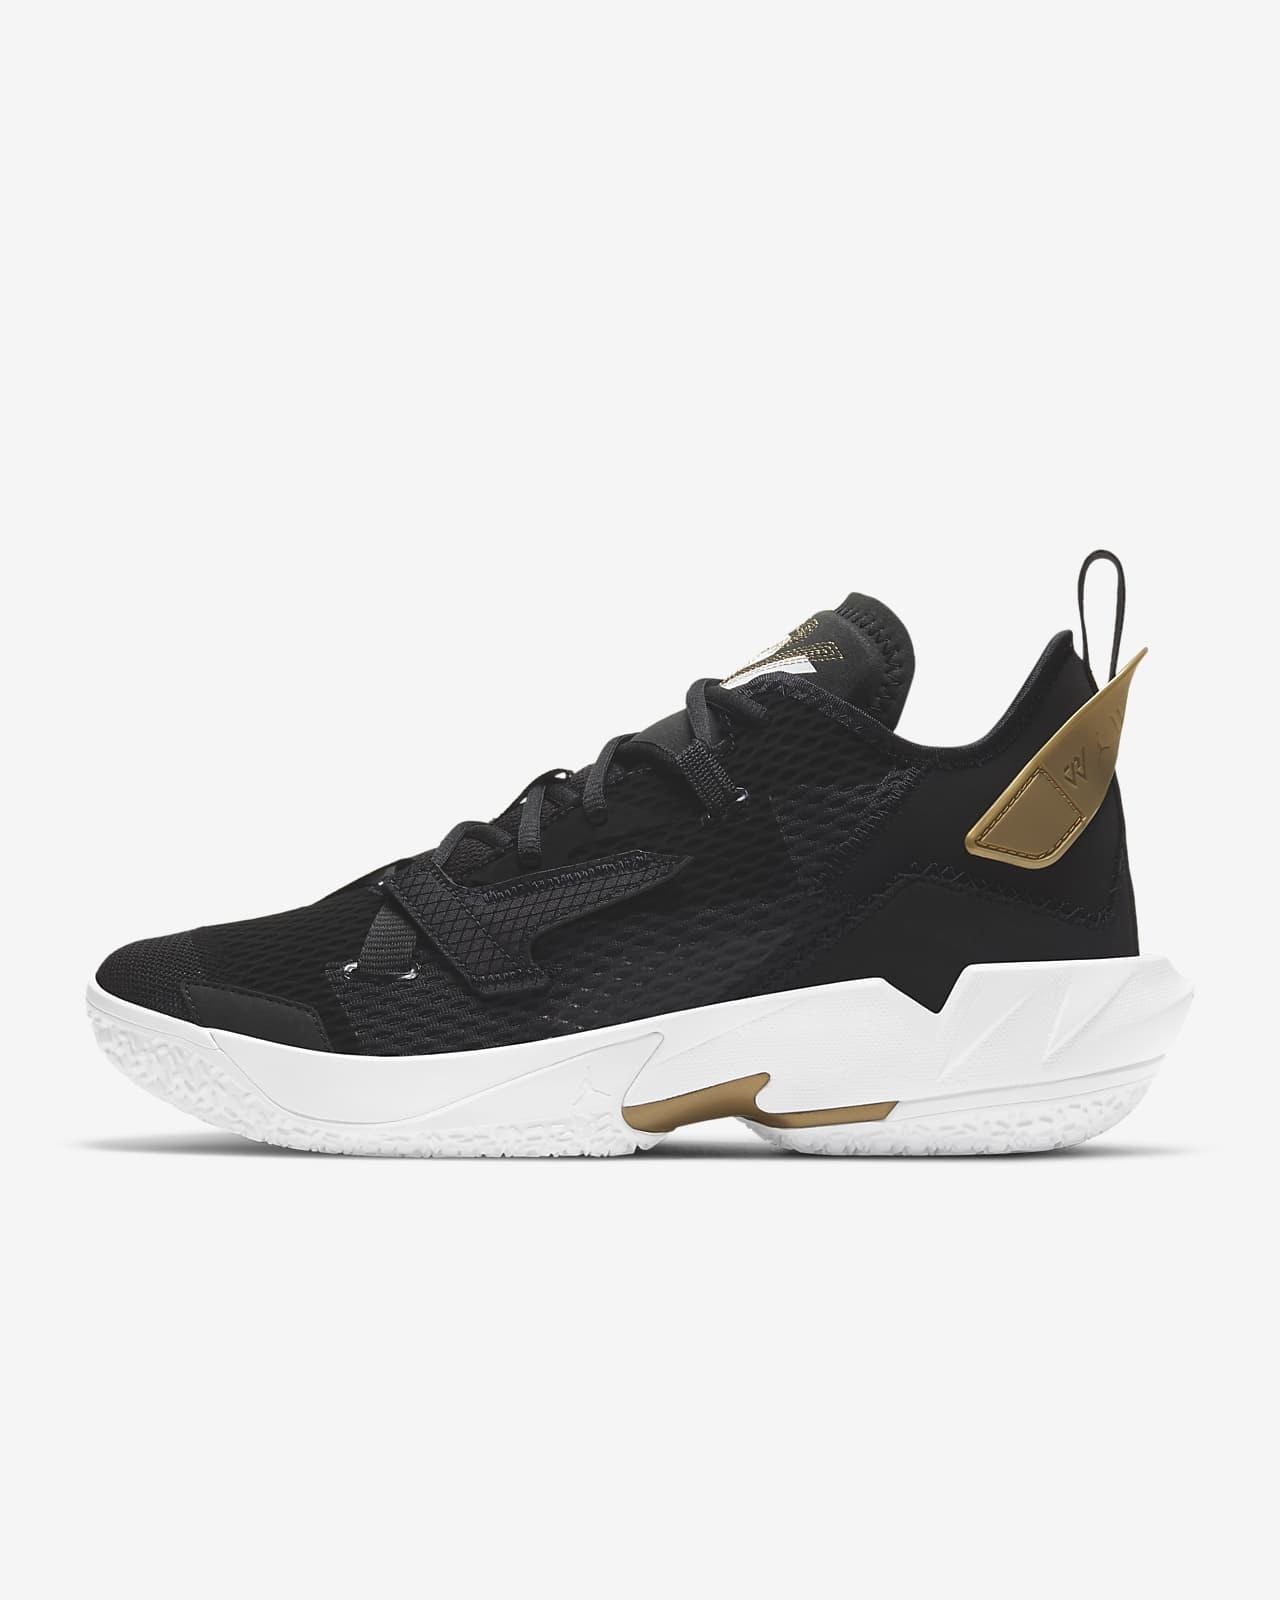 Jordan «Why Not?»Chaussure de basketball Zer0.4 « Family »